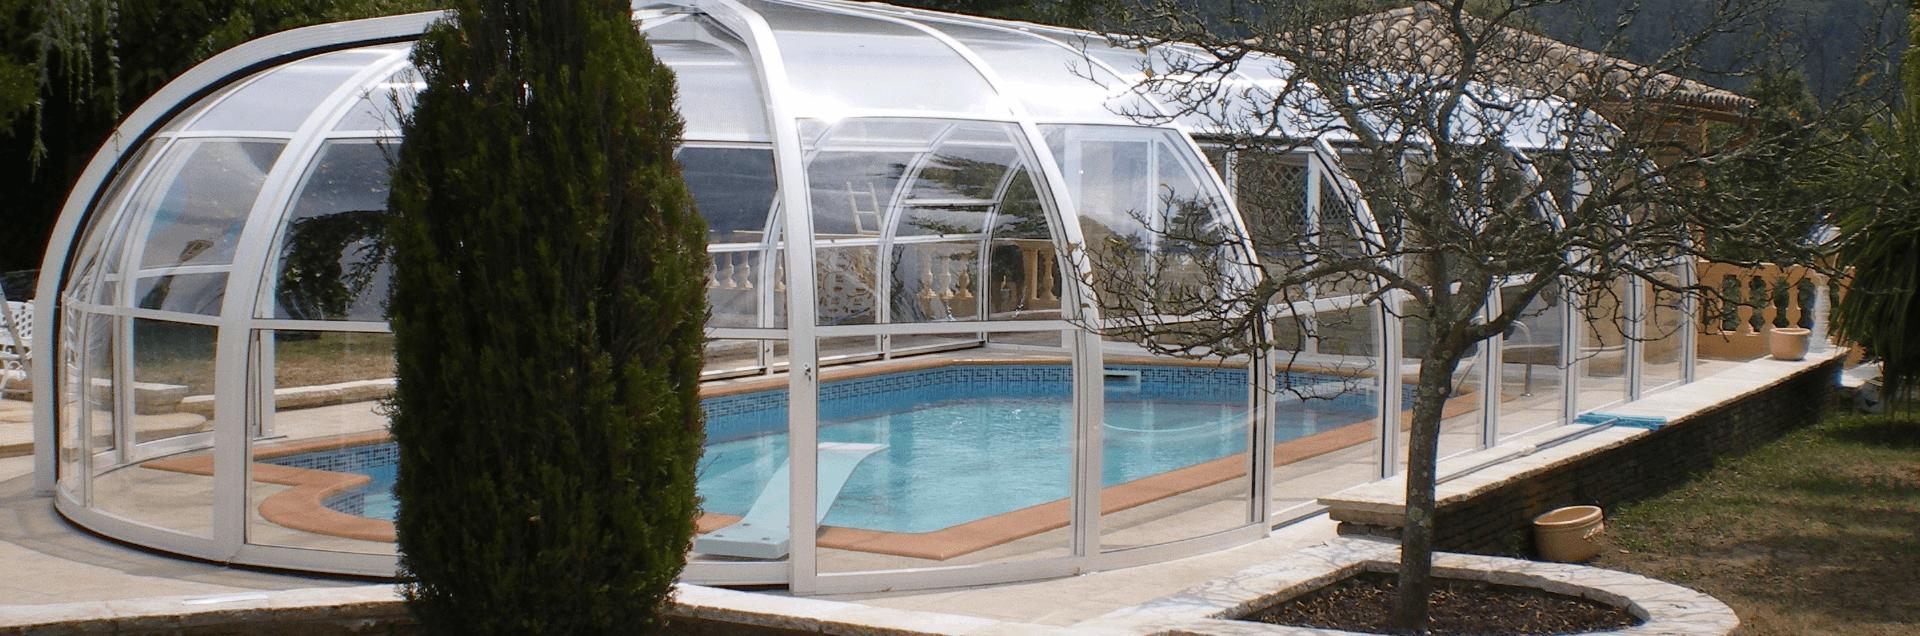 Arcus Original pool enclosure